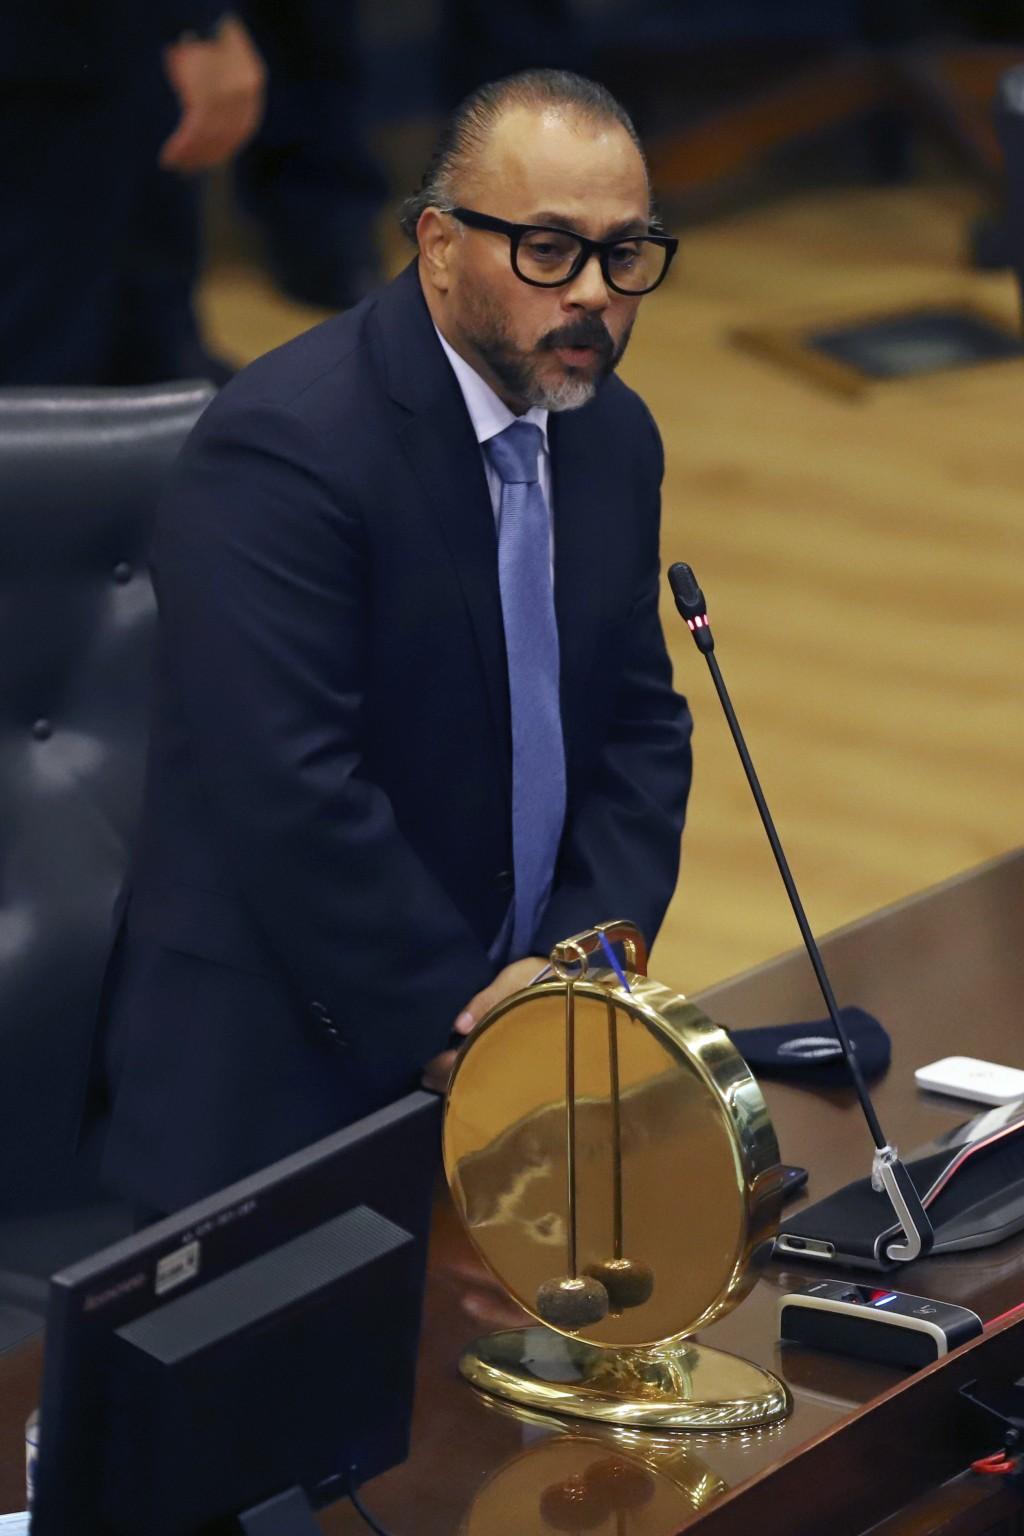 New Ideas party lawmaker Ernesto Castro delivers his speech after sworn-in as president of the El Salvador's Congress in San Salvador, El Salvador, Sa...